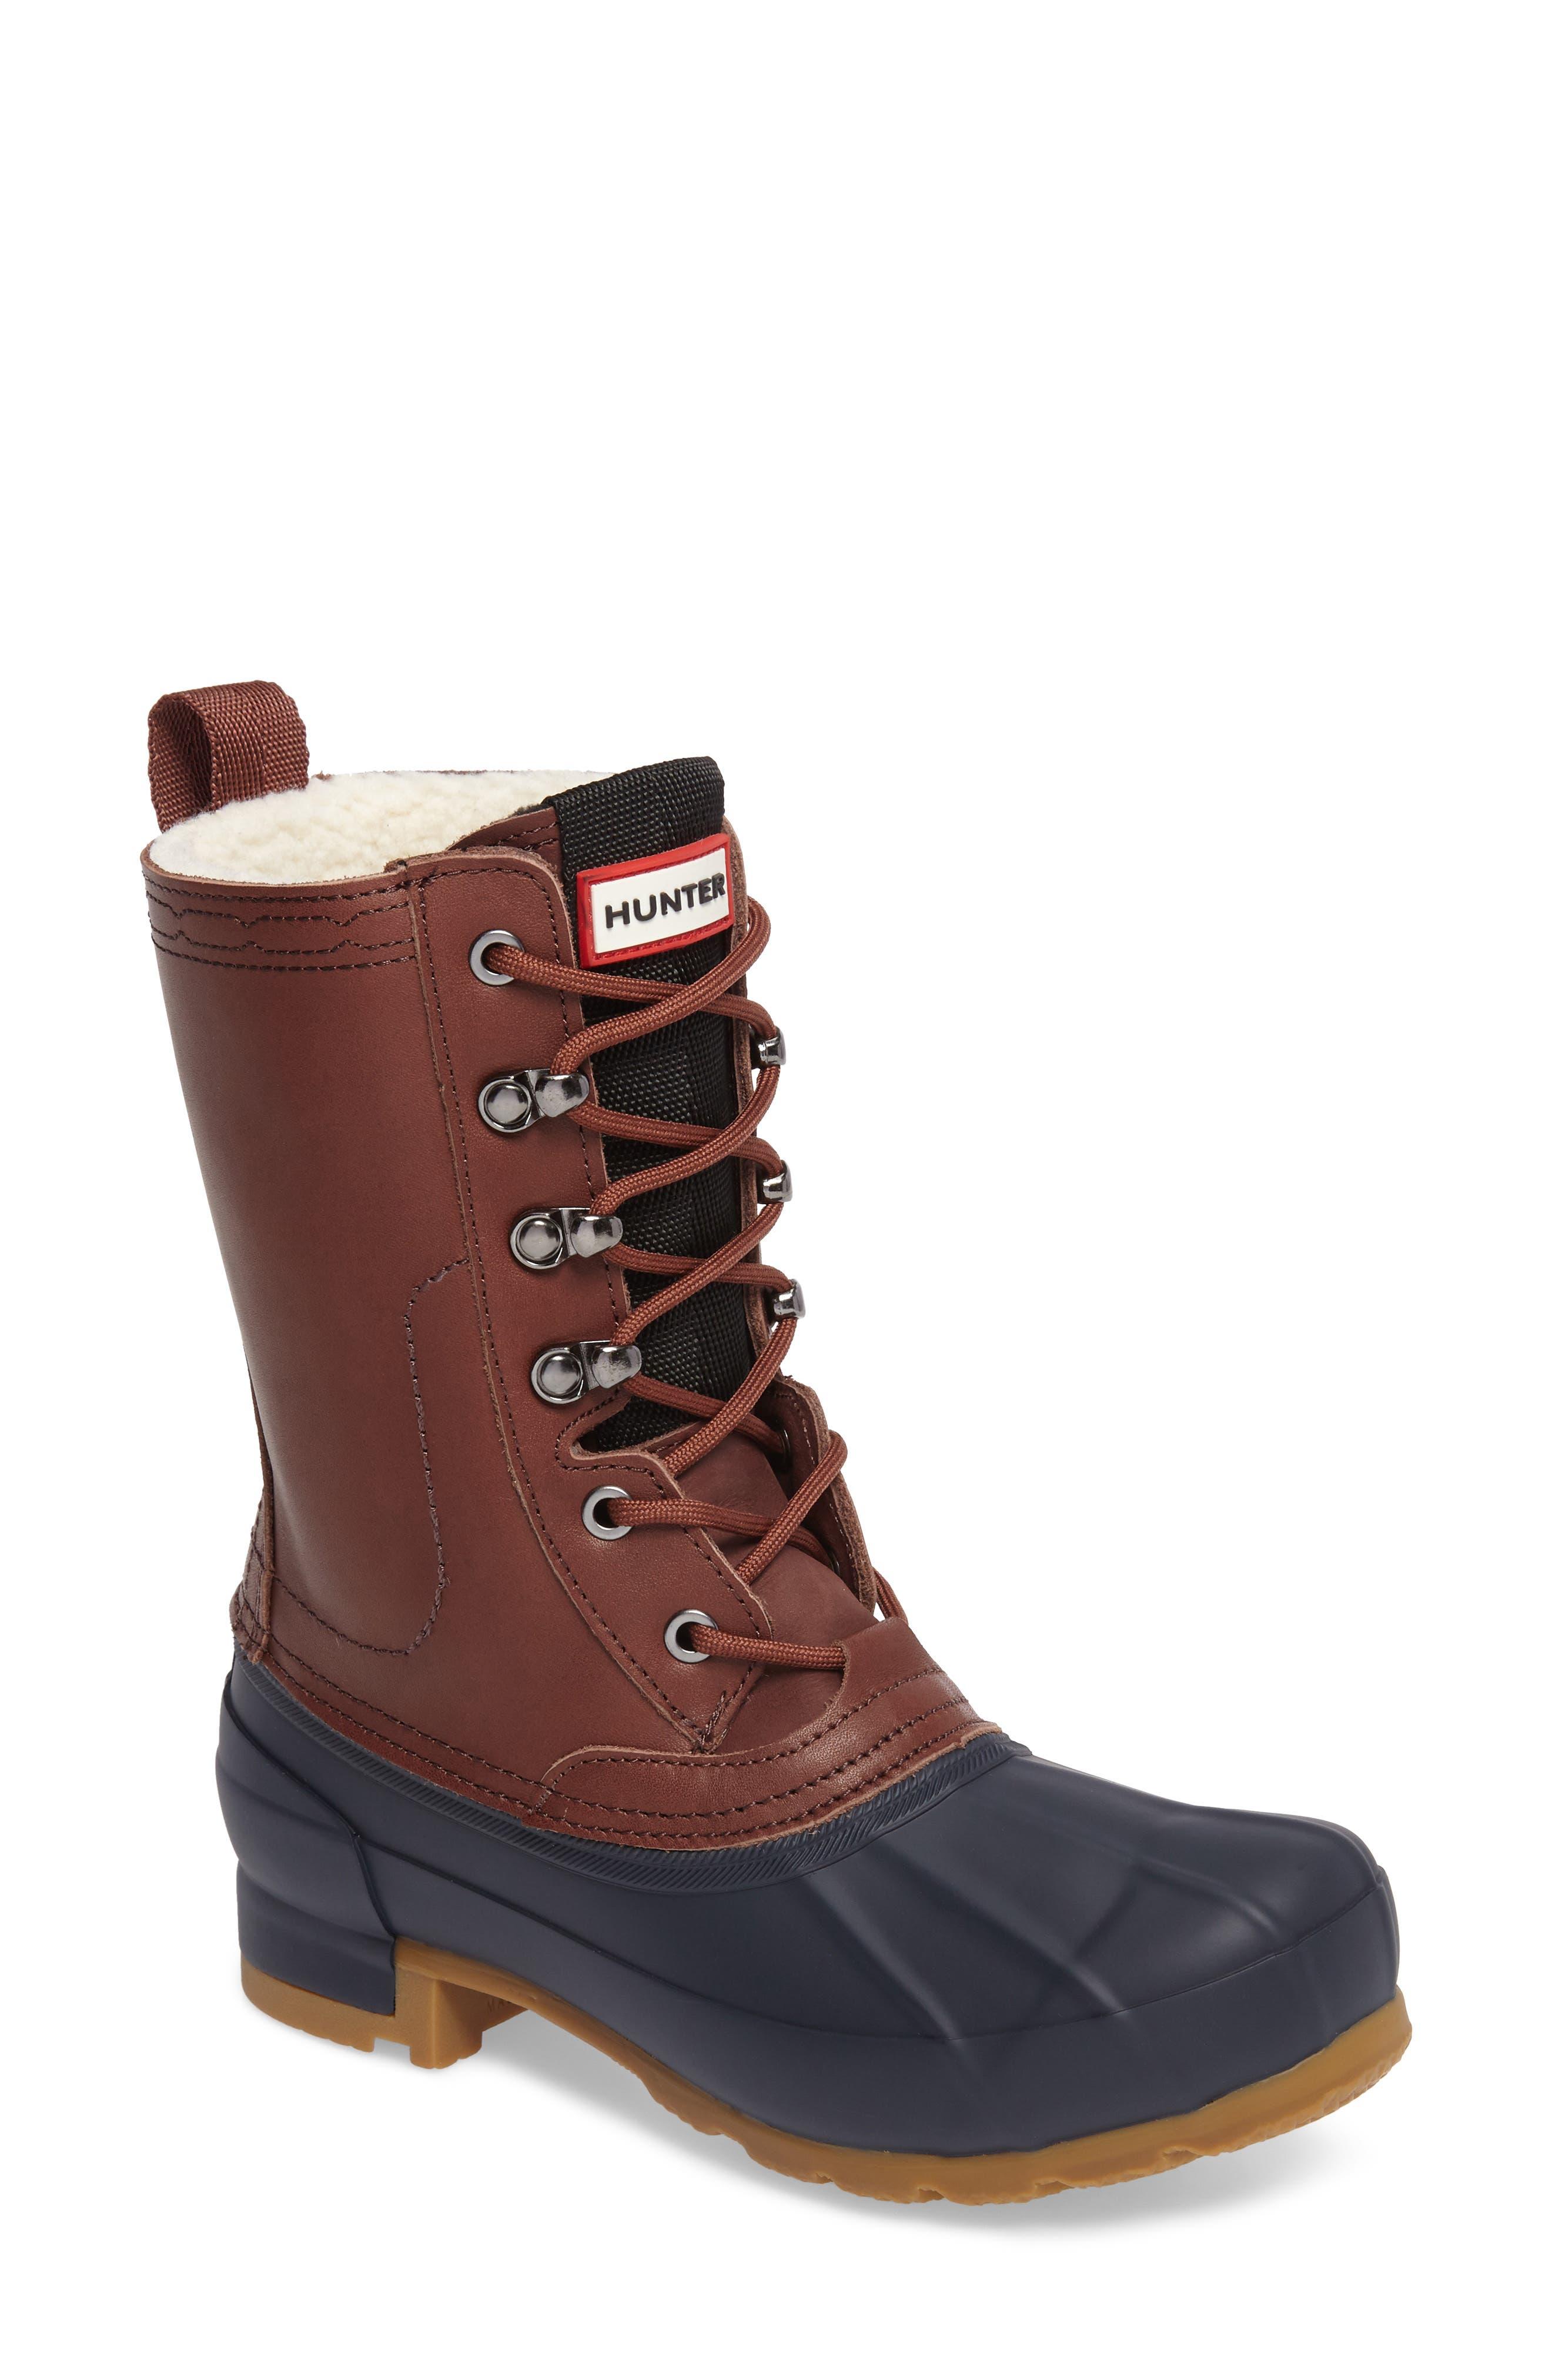 Main Image - Hunter Original Insulated Boot (Women)